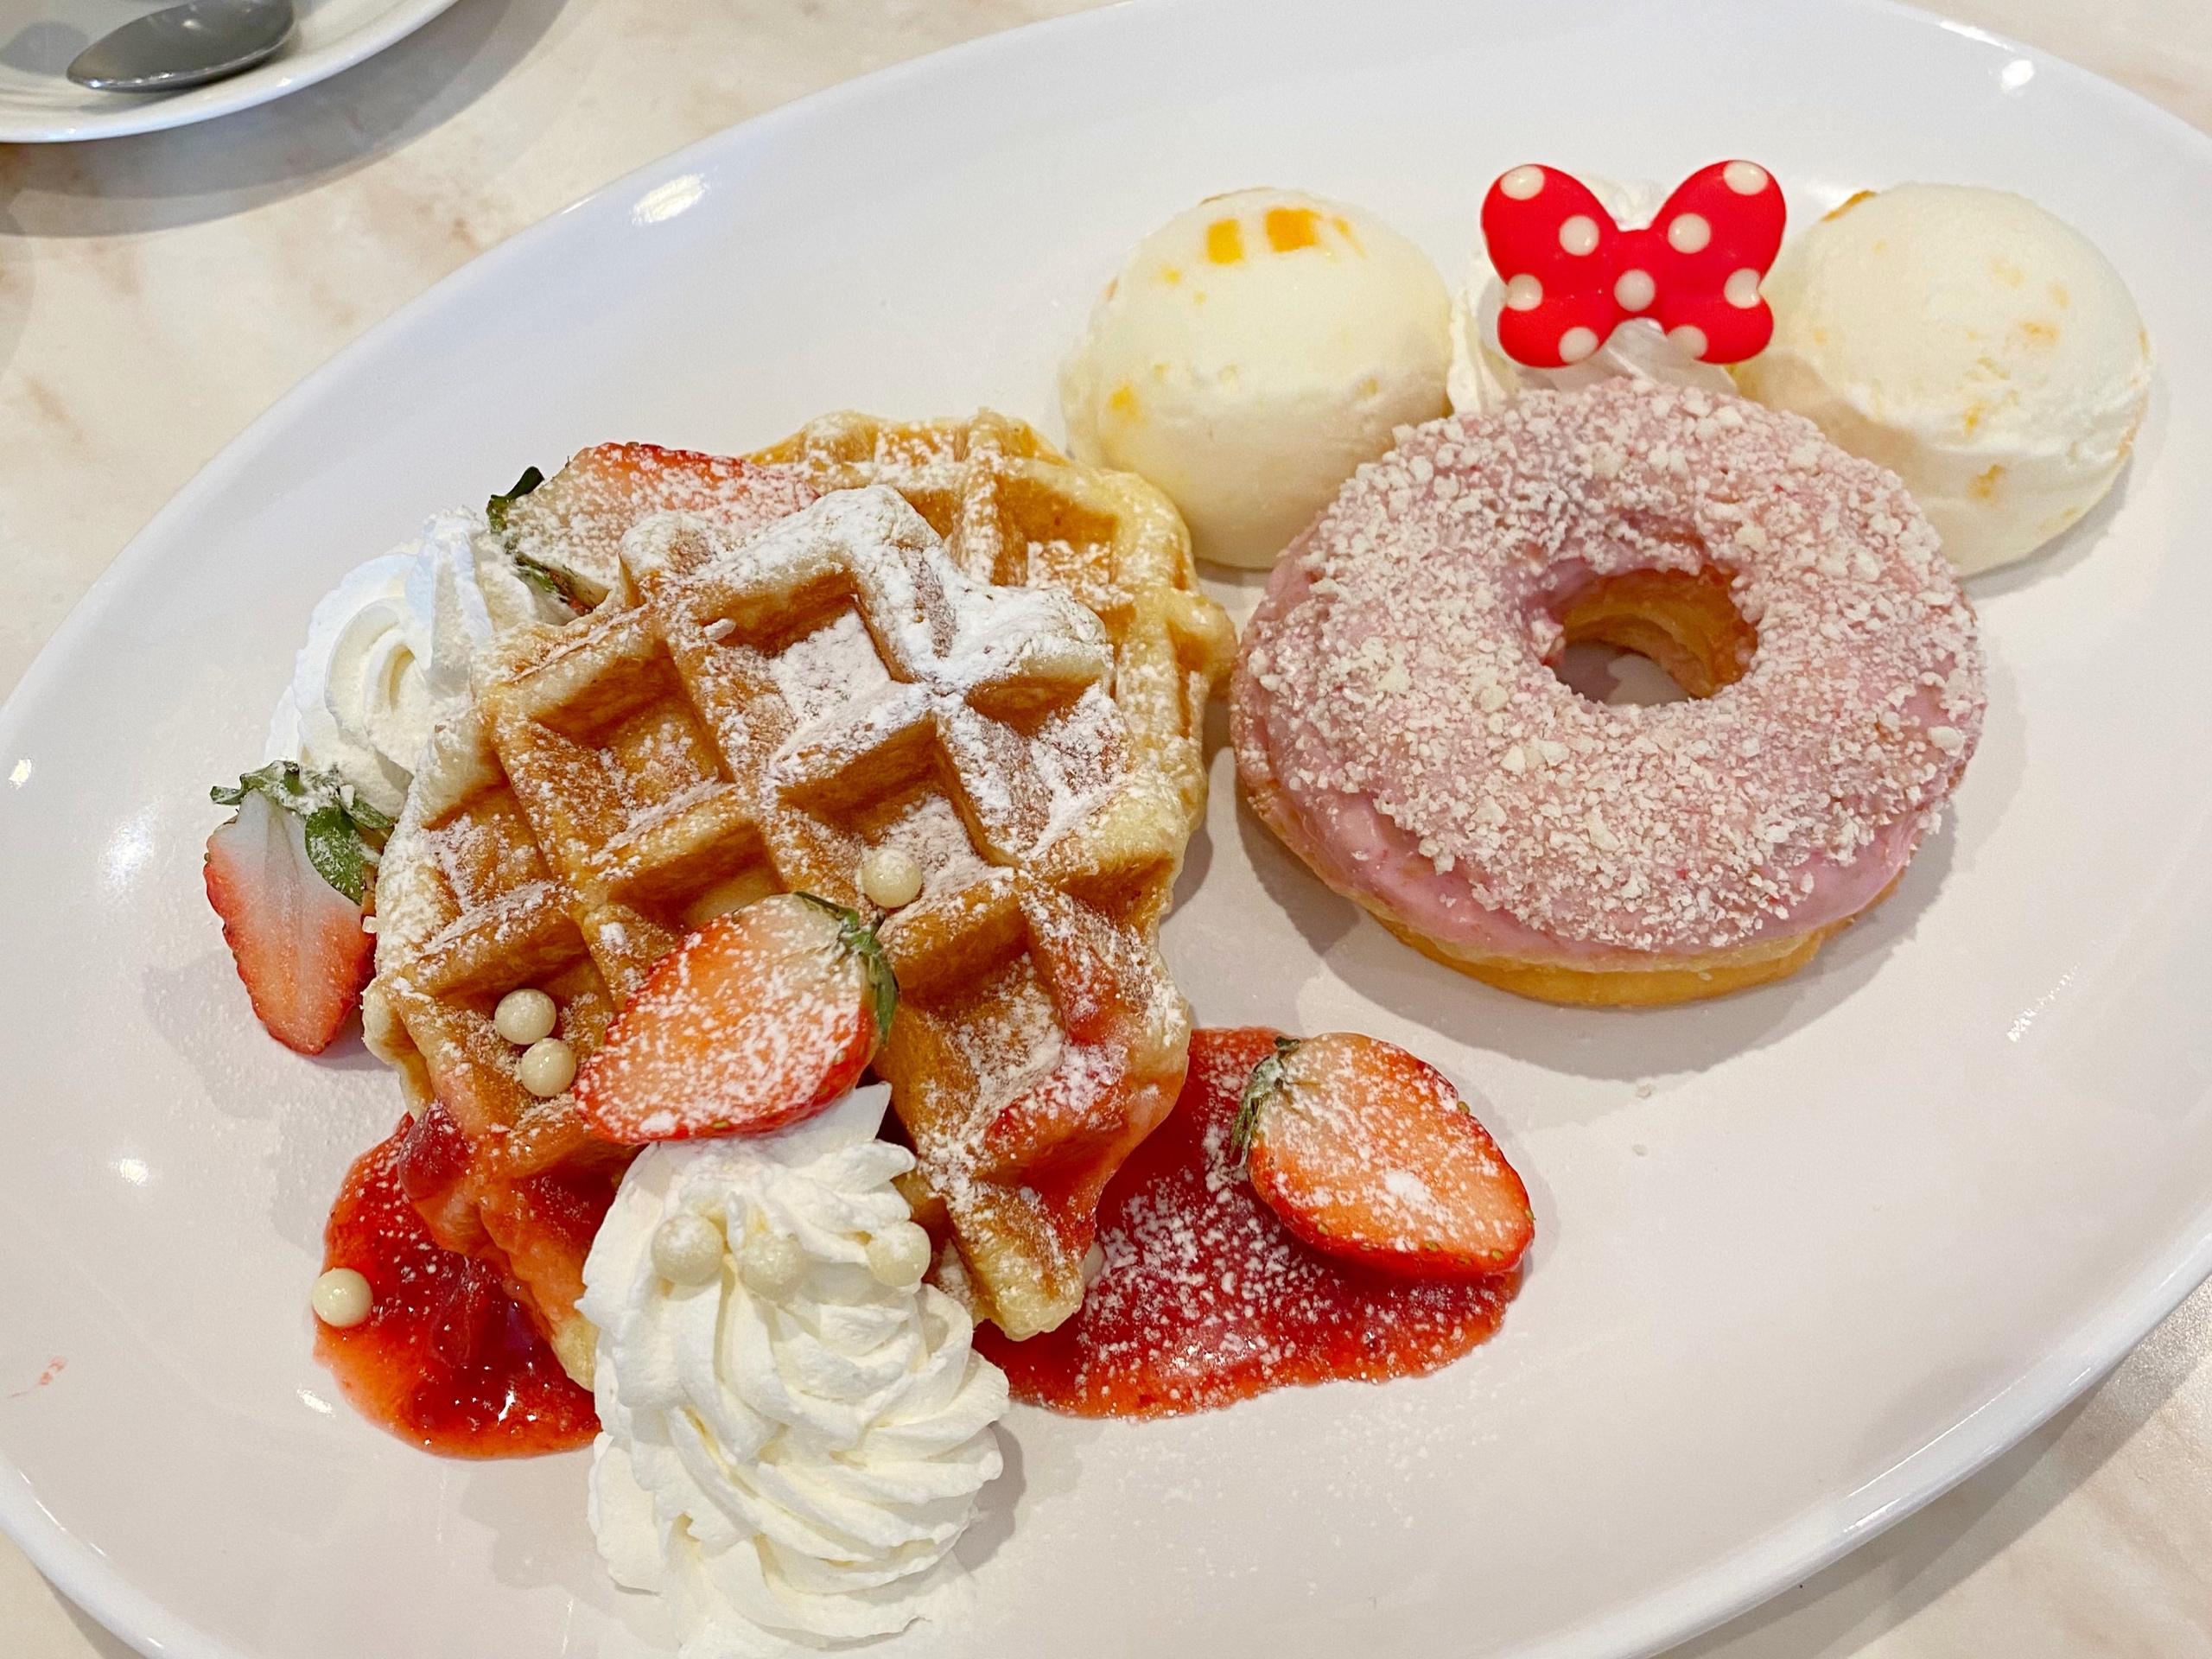 ディズニーランドに行ったら必ず食べたい!可愛すぎる限定スイーツ❤︎_1